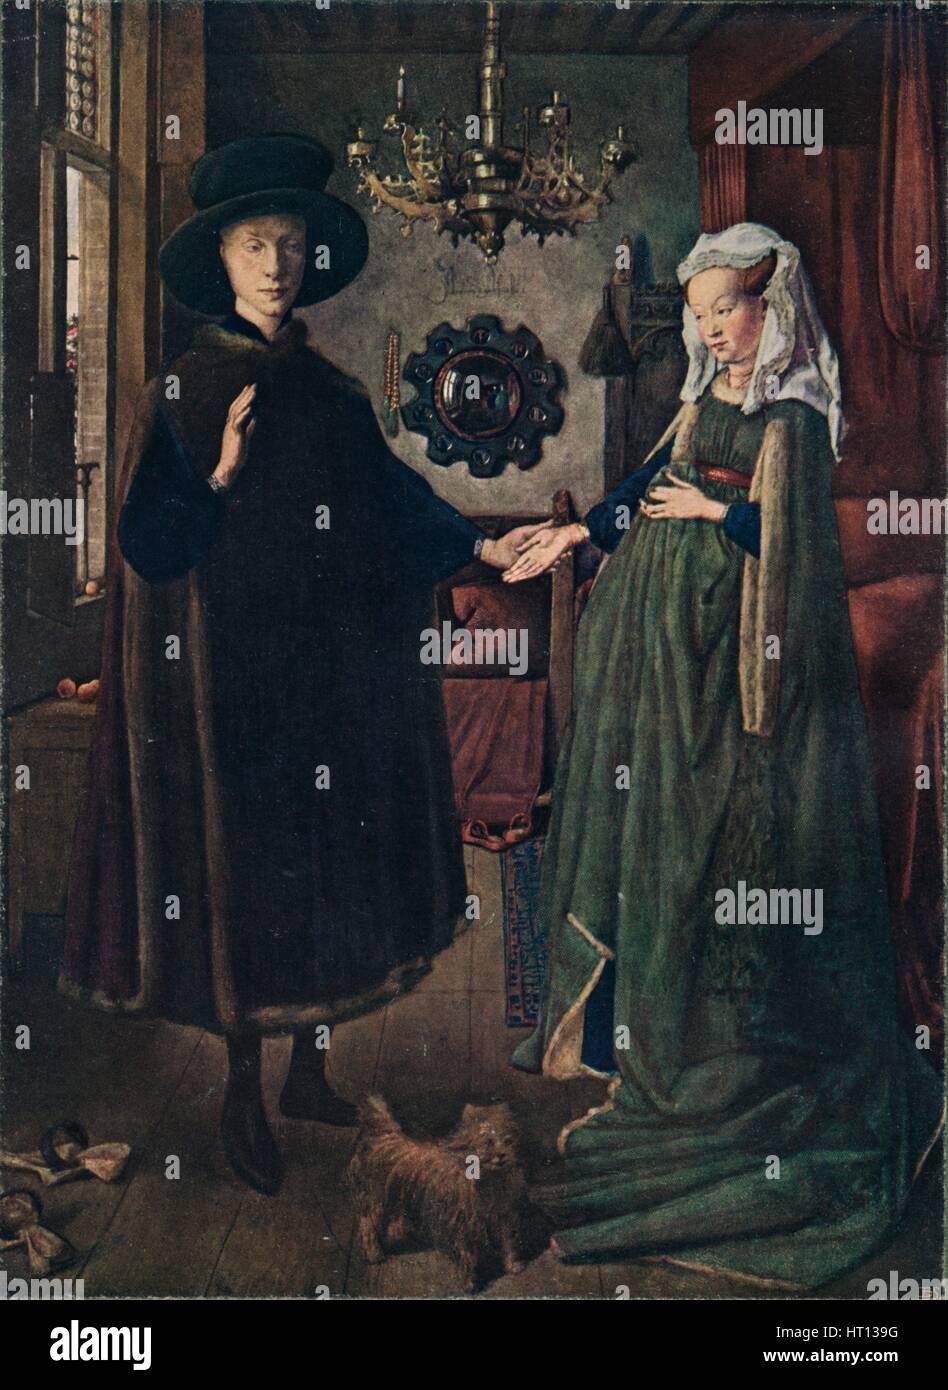 Il Ritratto di Arnolfini, 1434 (1904). Artista: Jan van Eyck Immagini Stock